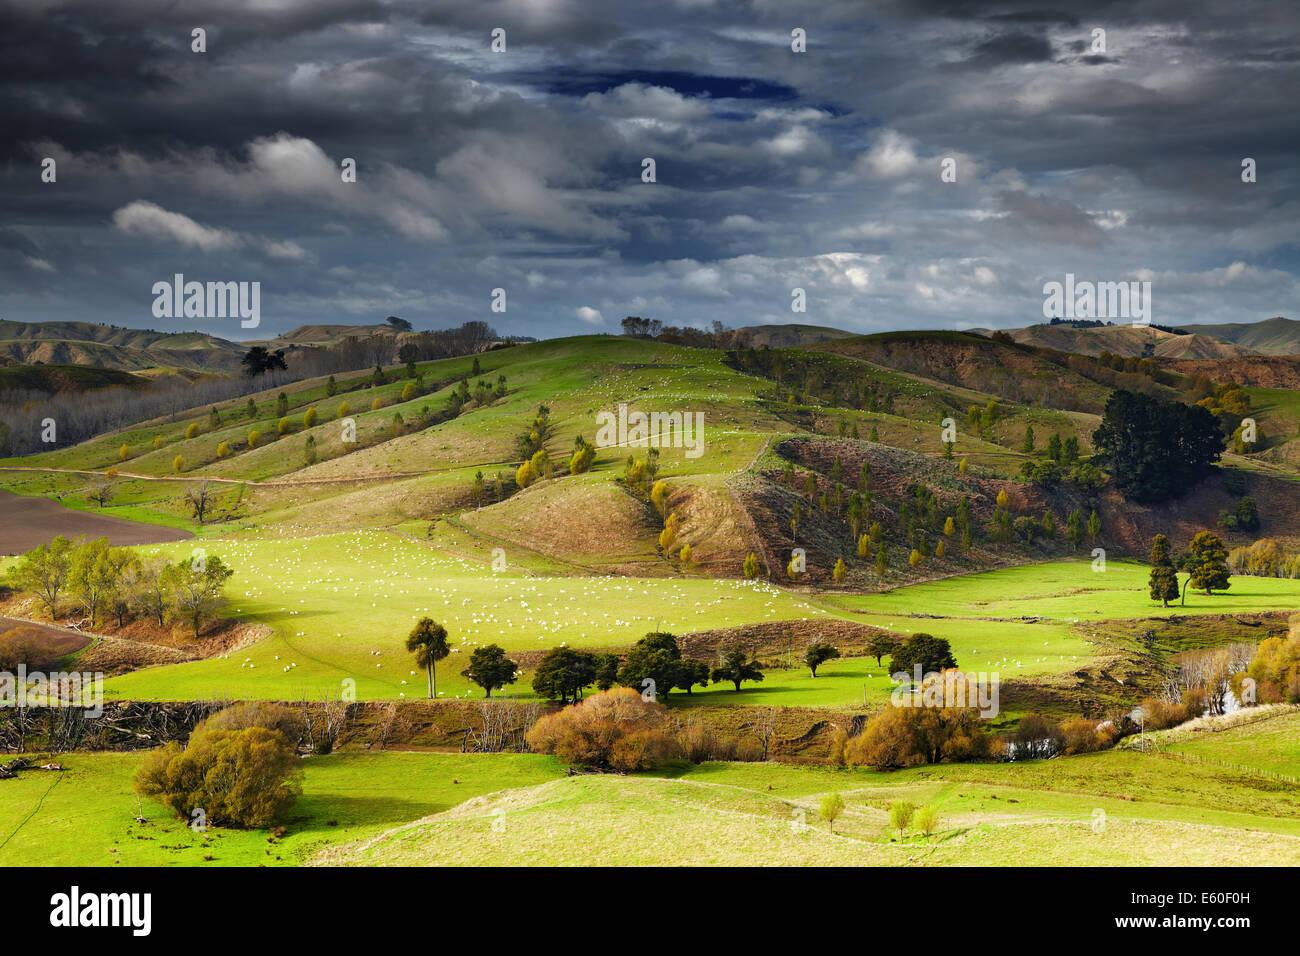 Paisaje con tierras de labranza y cielo nublado, Isla del Norte, Nueva Zelanda Foto de stock